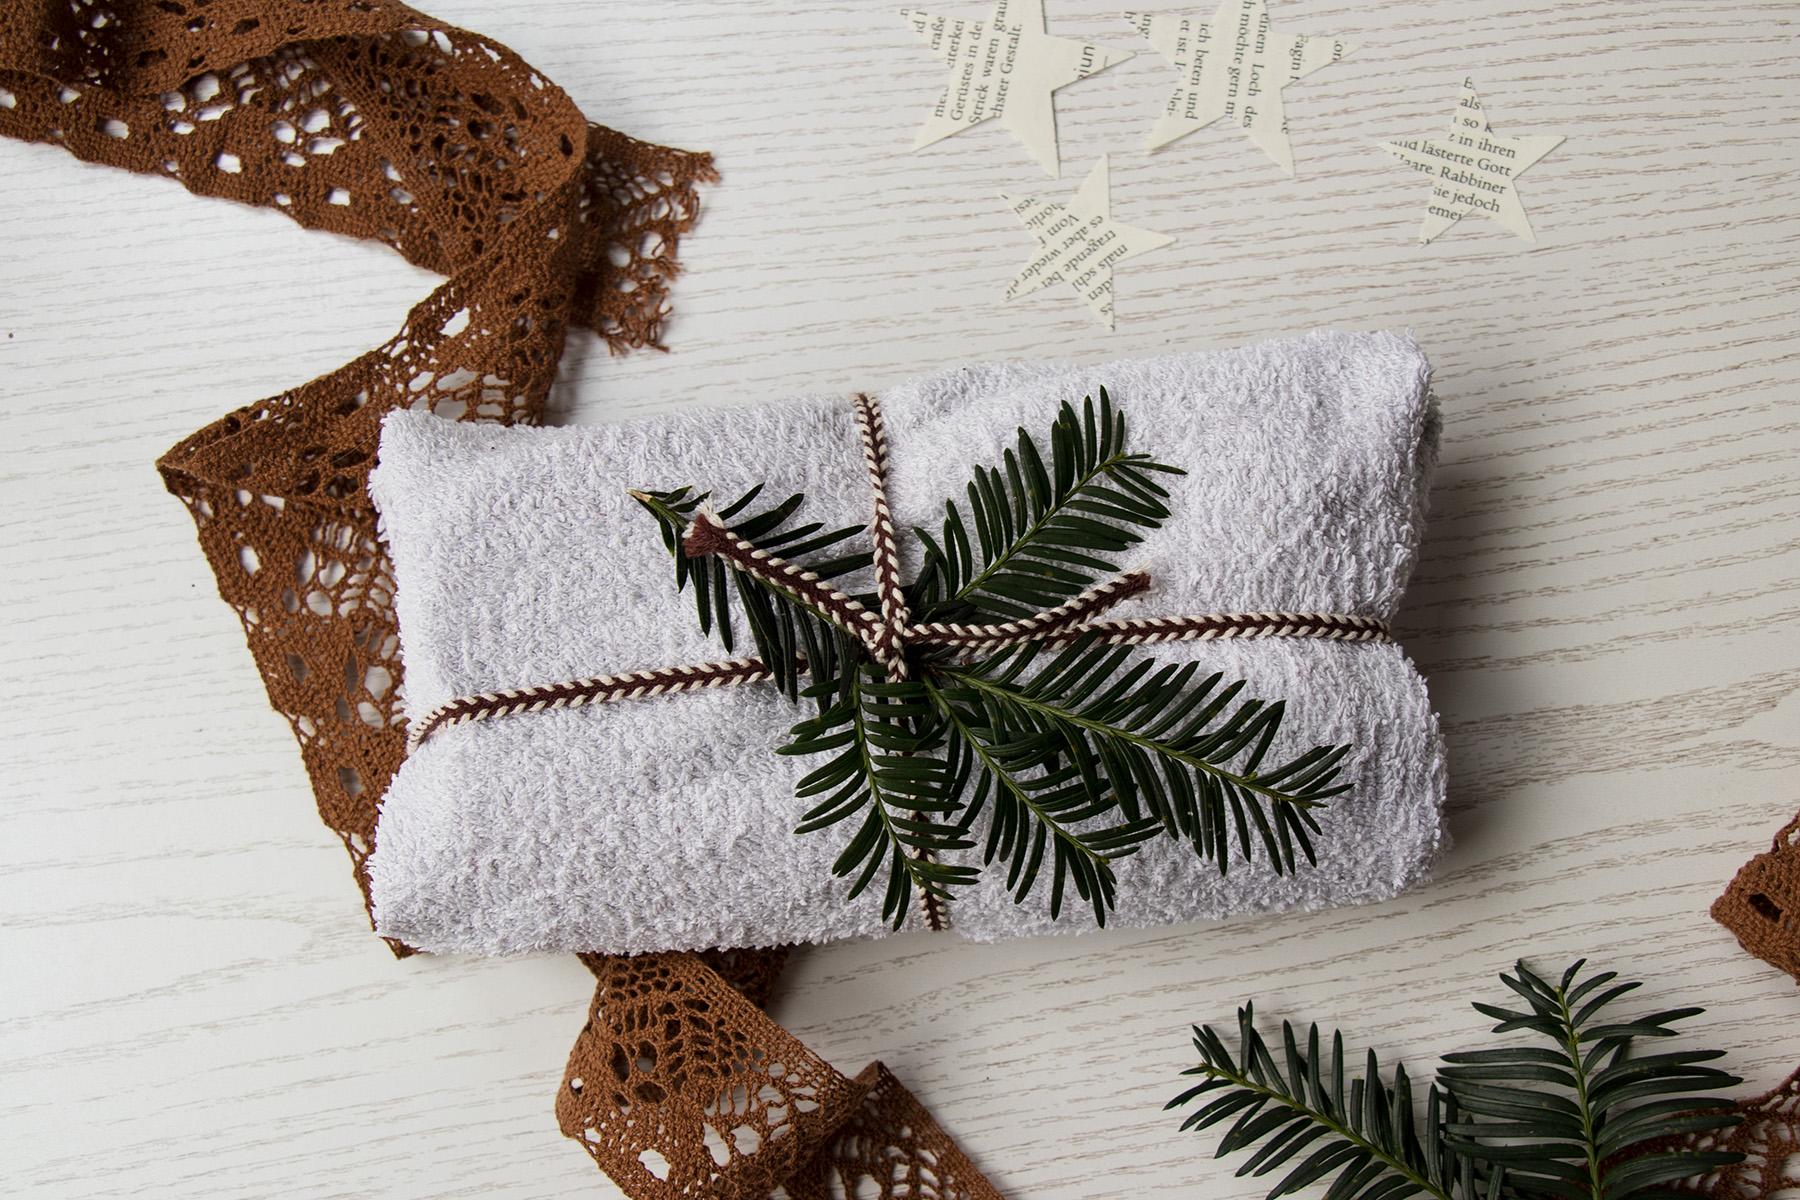 letters_and_beads_zero_waste_Christmas_geschenkidee_badezimmer_starterpack_geschenke_einpacken_idee